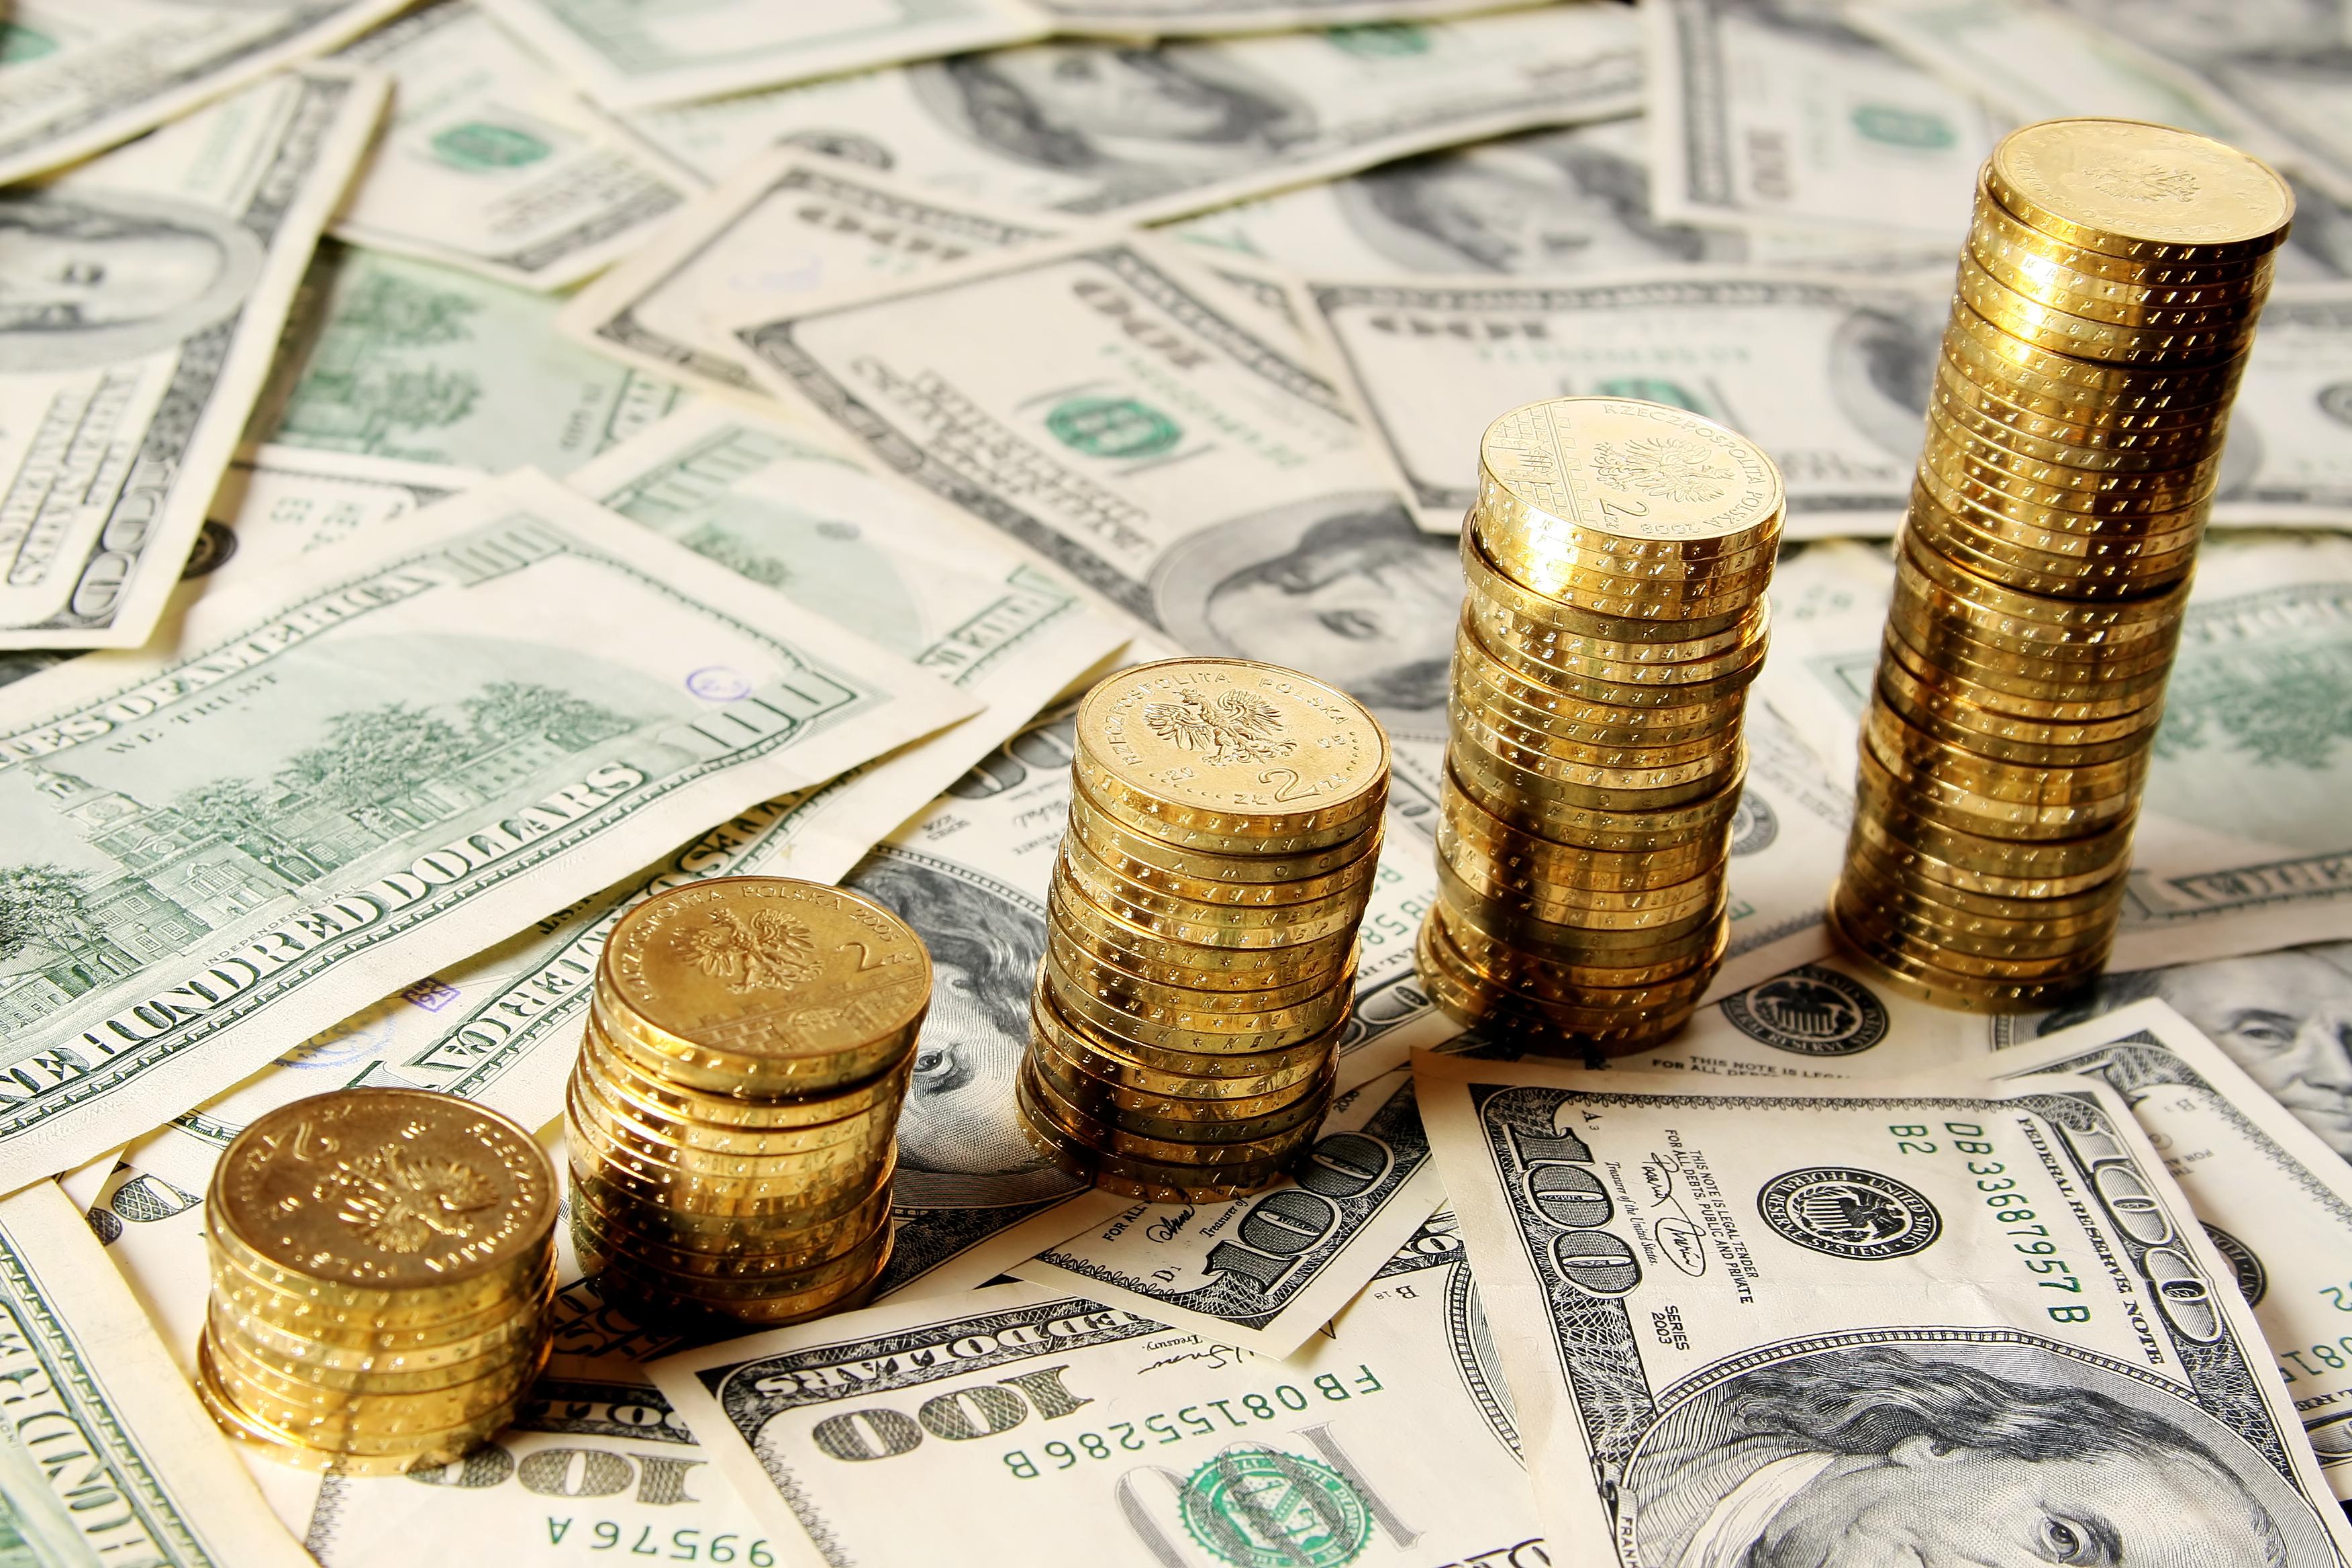 الدولار يسير نحو الألف الثالث والذهب يحلق عاليا  الأربعاء